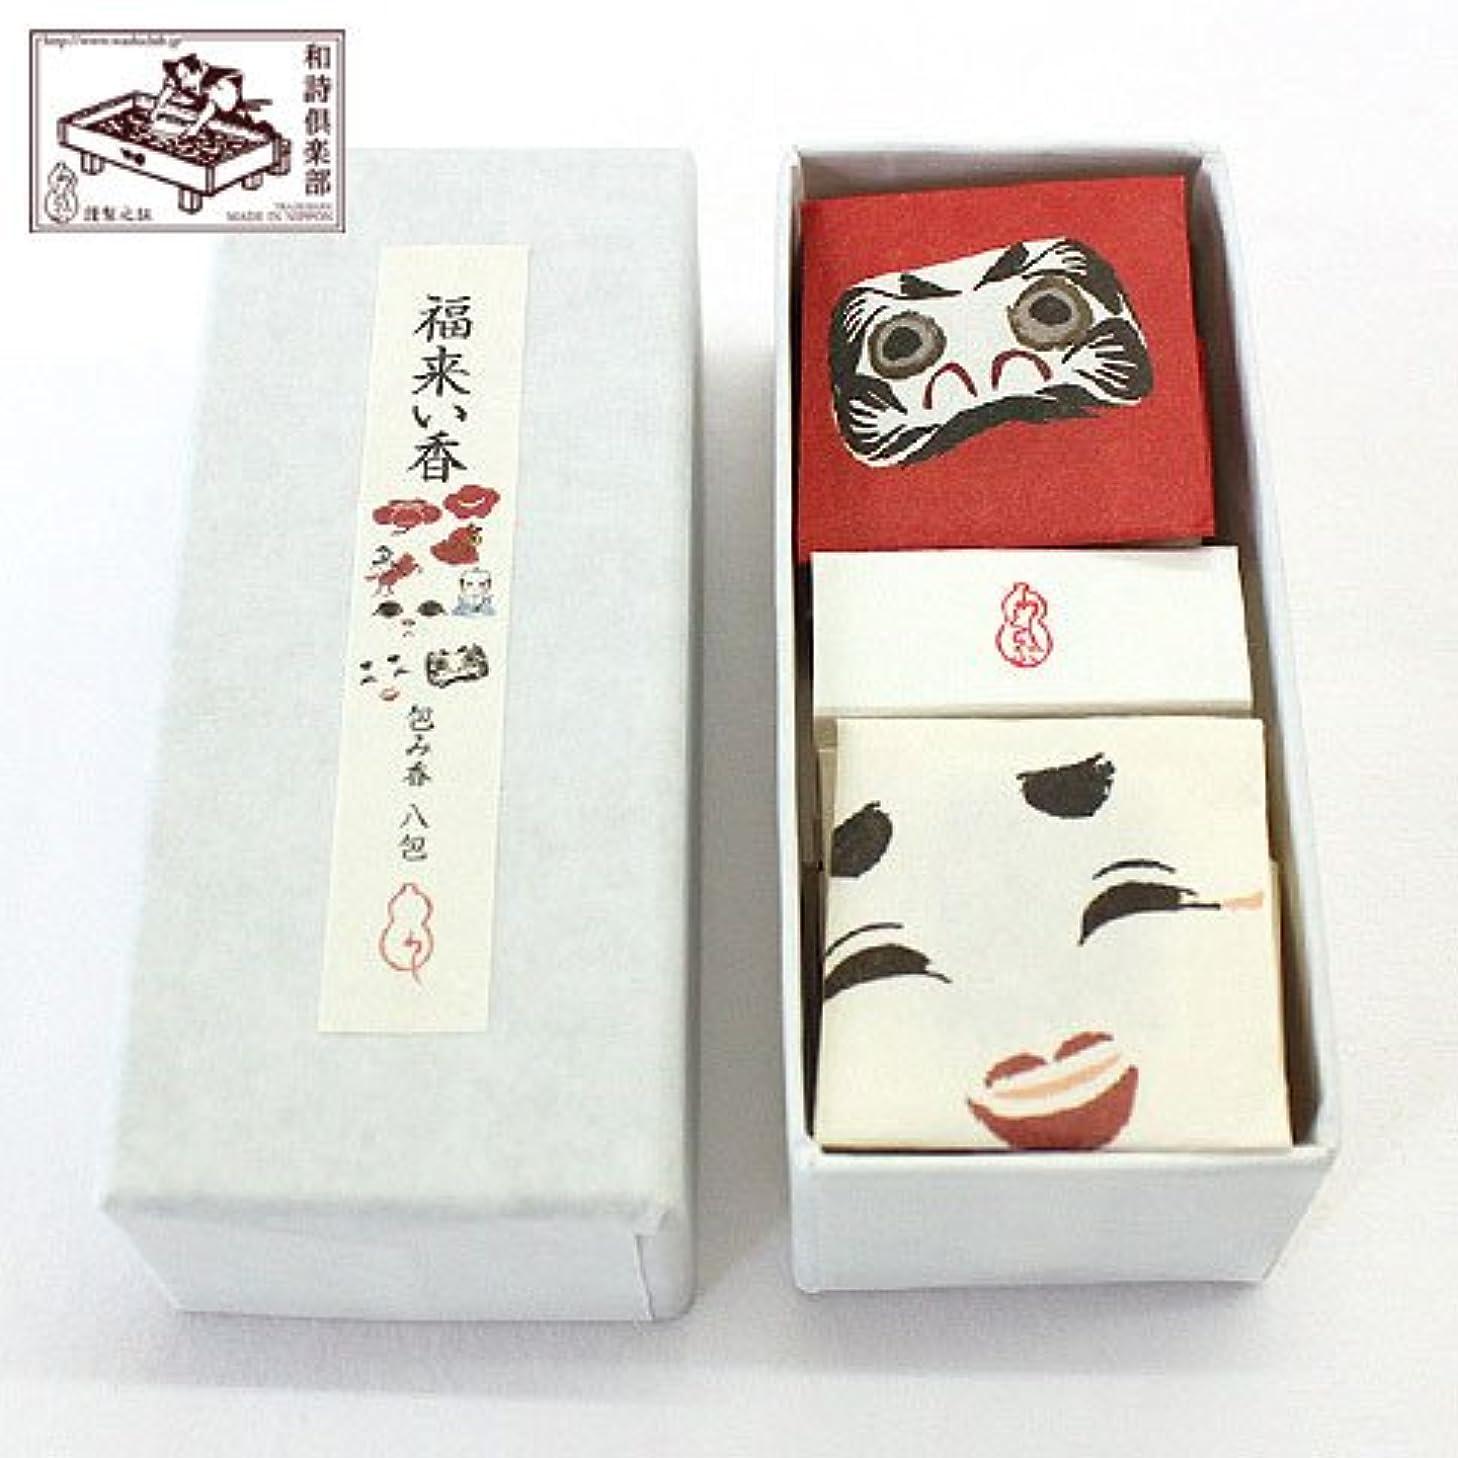 芸術的包帯エミュレートする文香包み香福来い香 (TU-021)和詩倶楽部